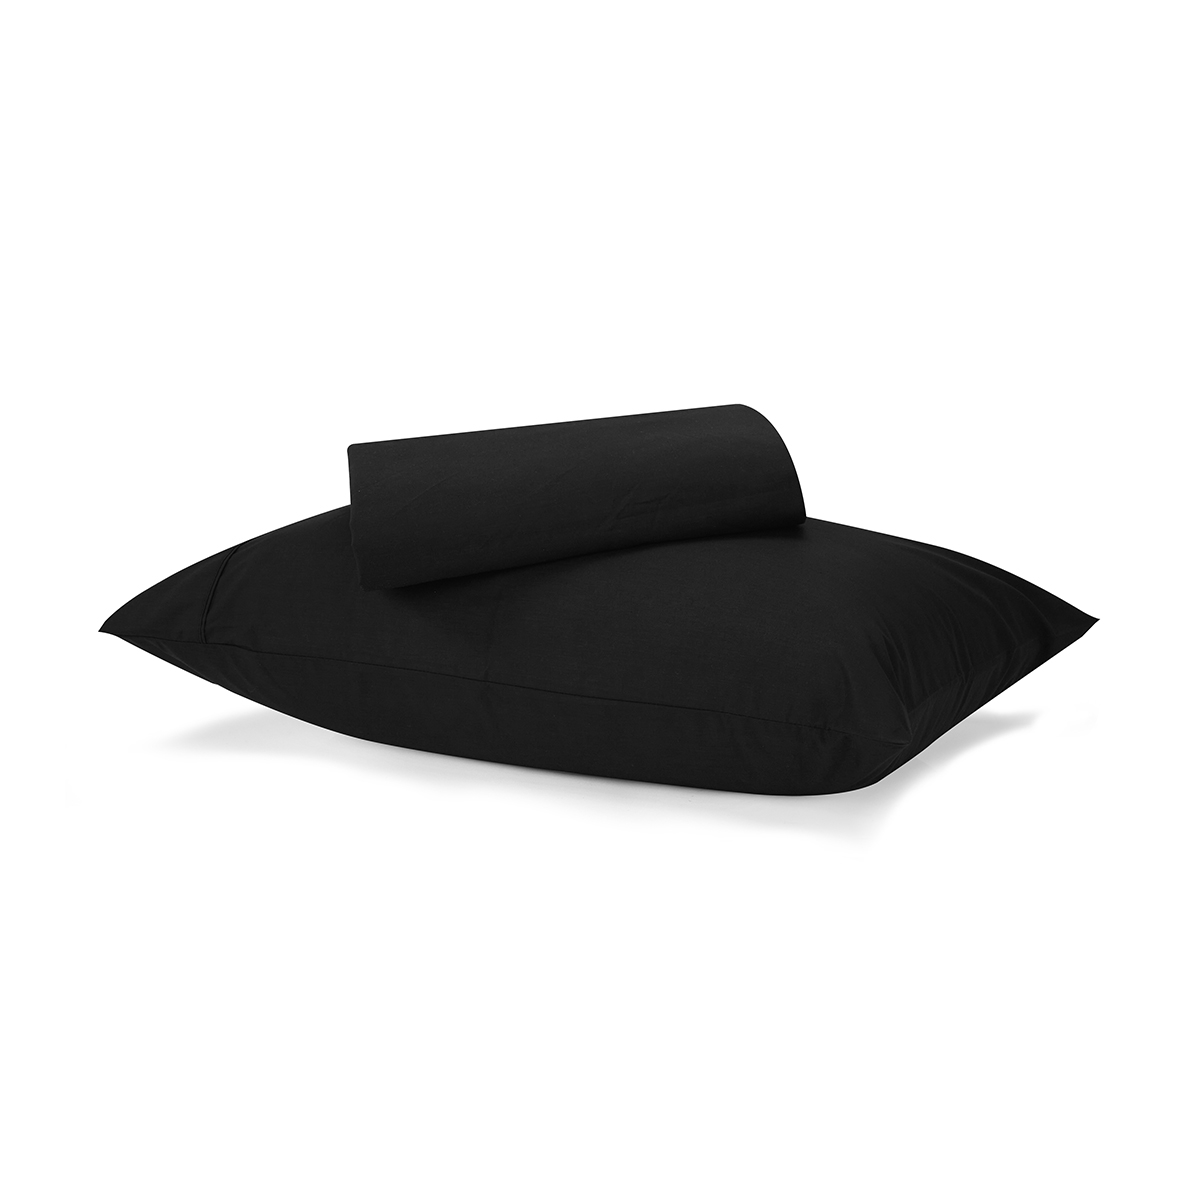 225 thread count sheet set single bed black kmart. Black Bedroom Furniture Sets. Home Design Ideas